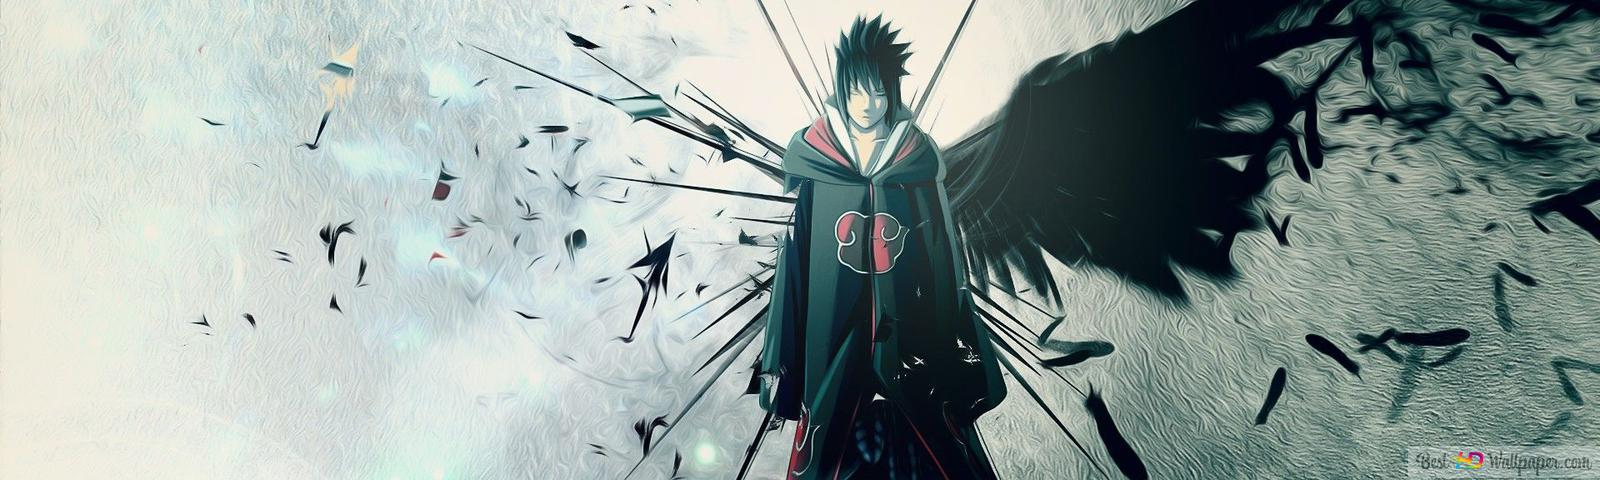 naruto shippuden sasuke uchiha akatsuki wallpaper 1600x480 8010 68